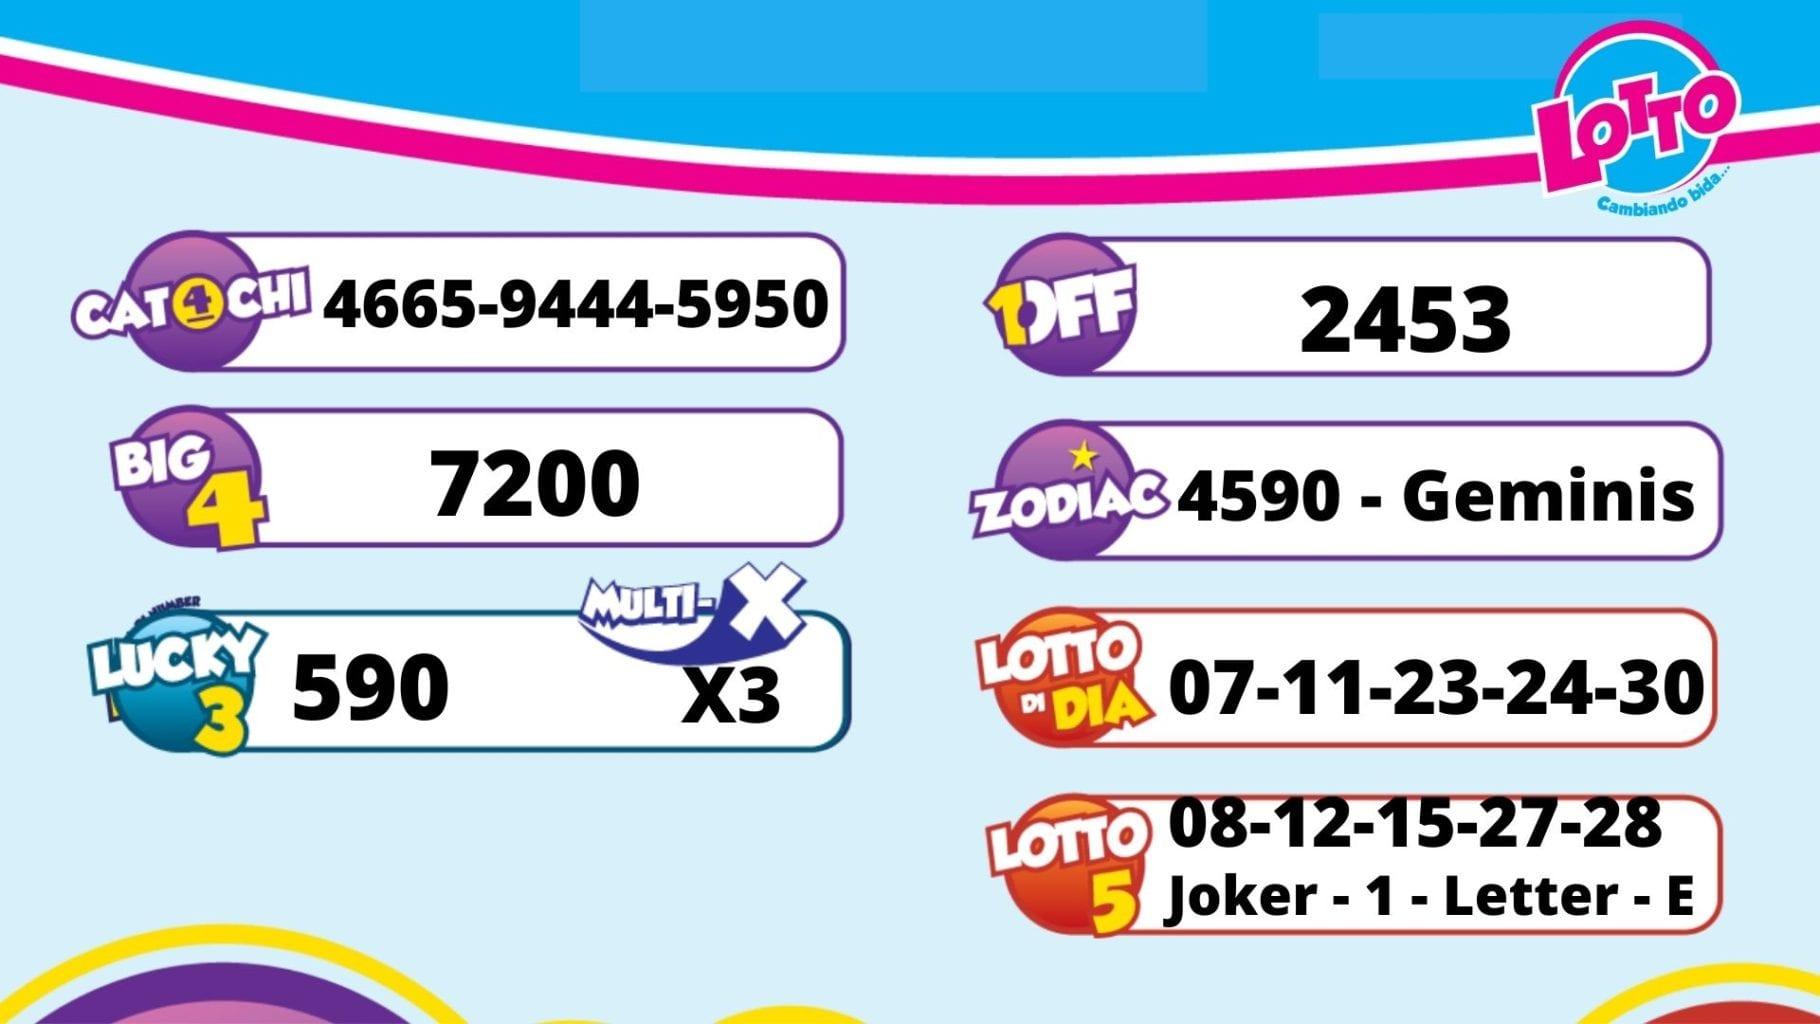 Resultado di sorteo pa 23 di juni 2021